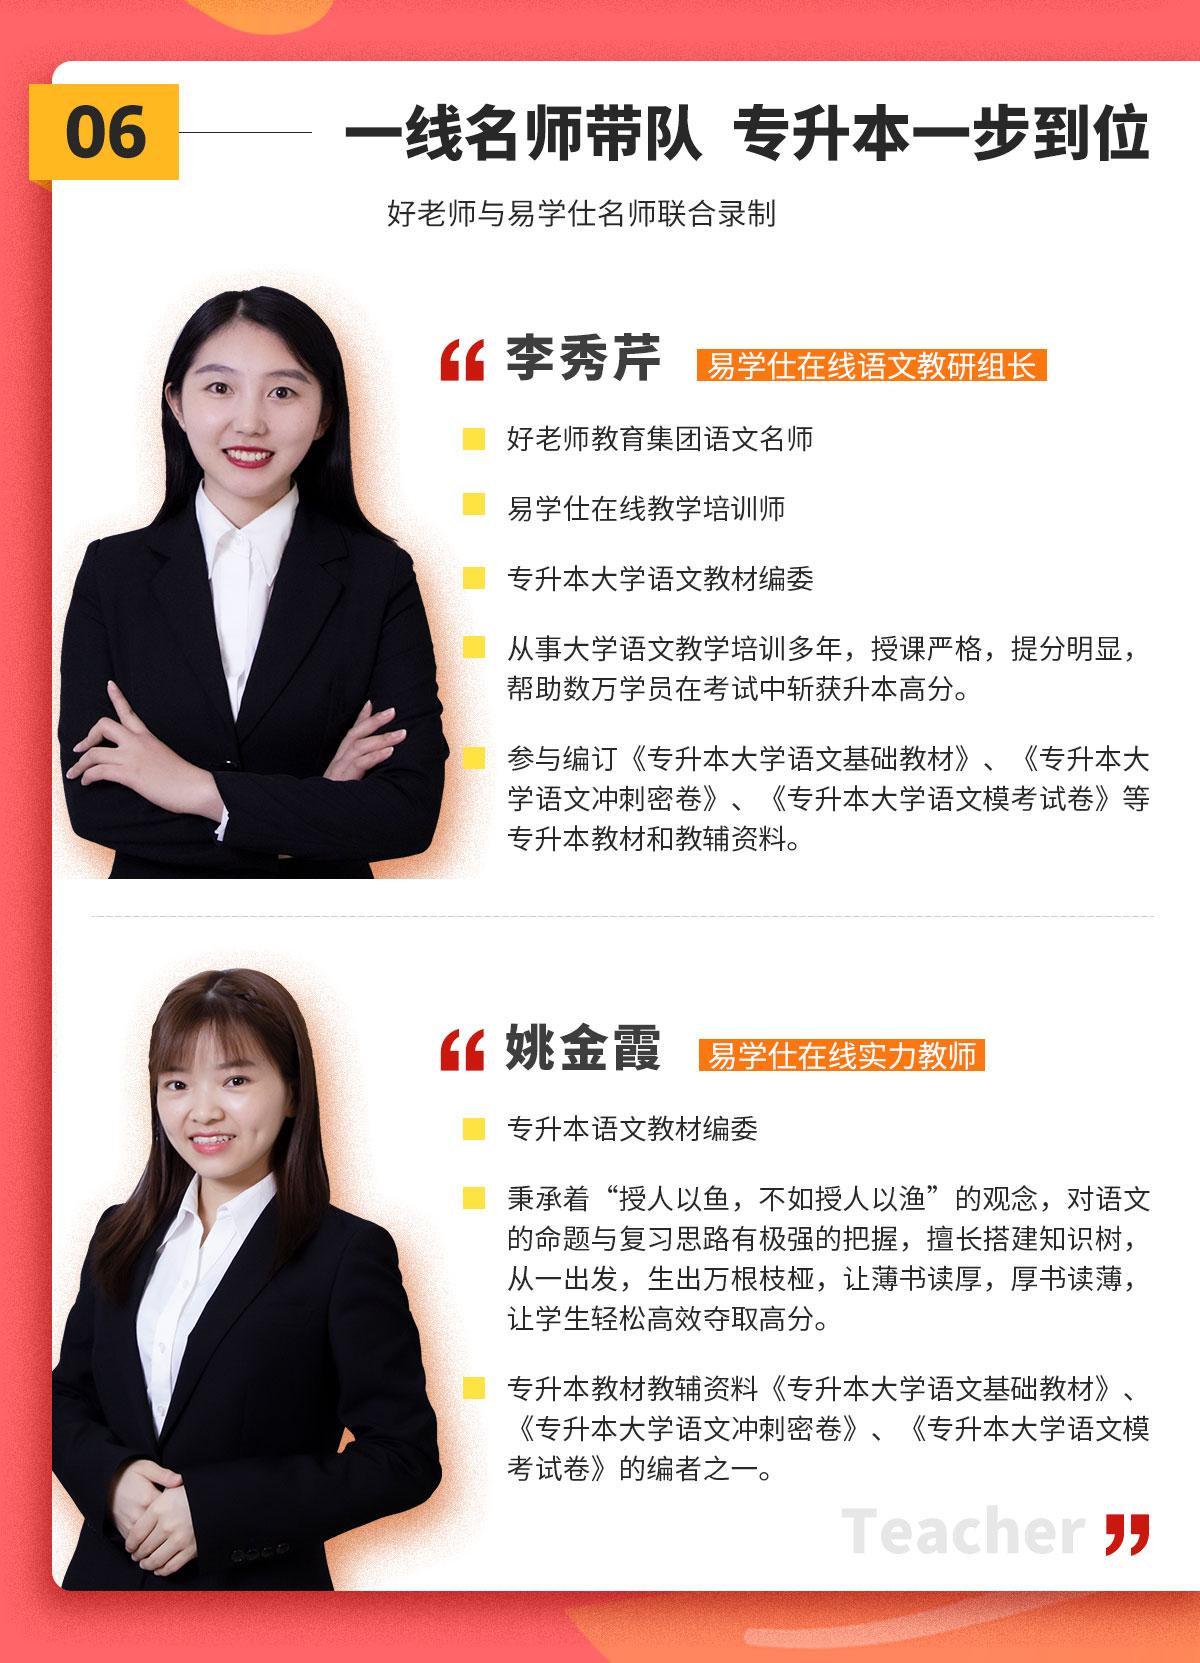 云南语文老师.jpg